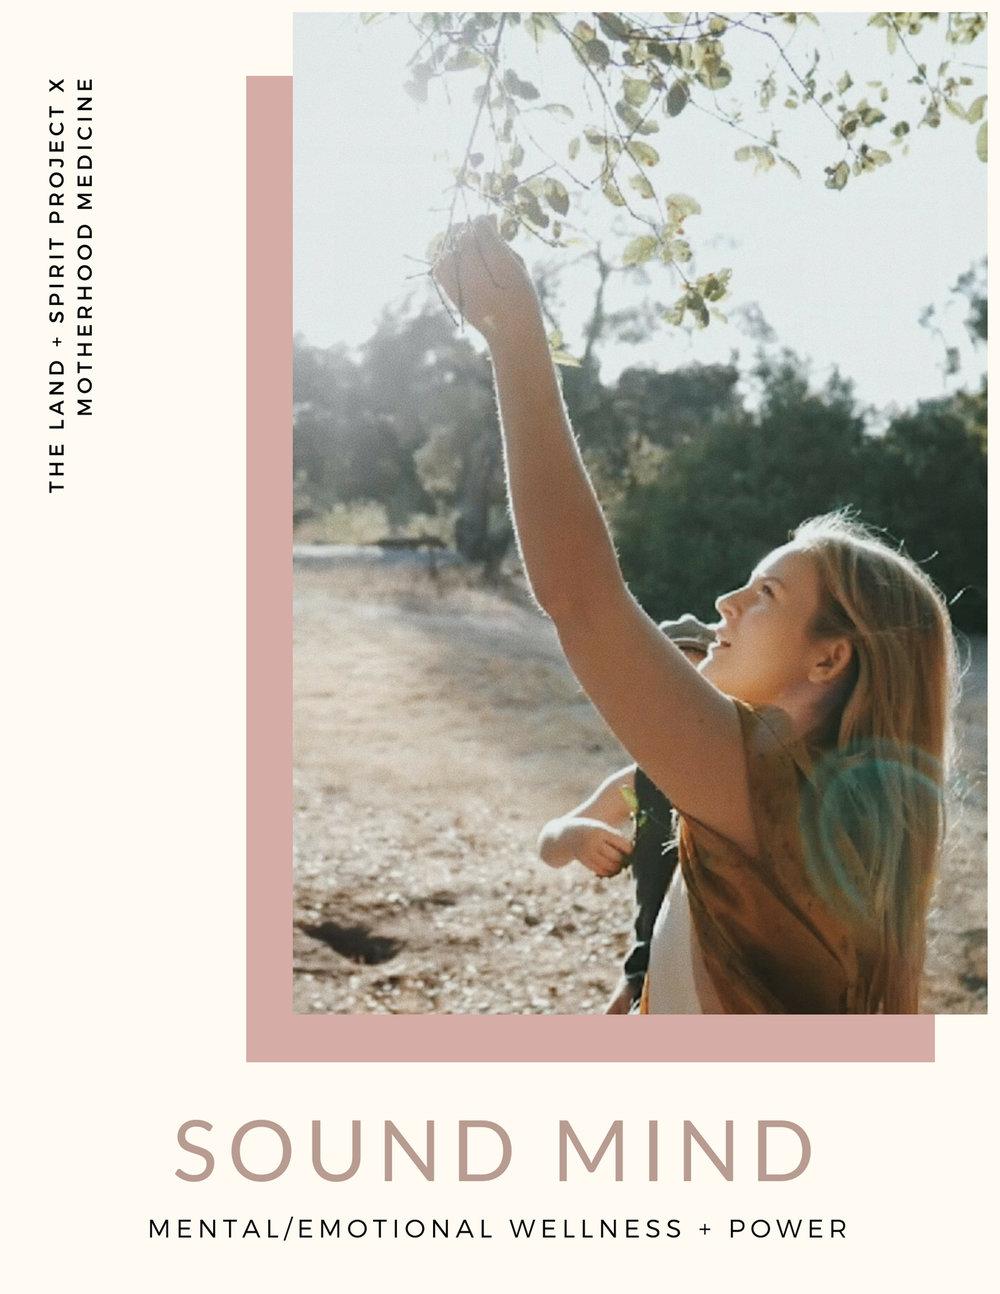 SOUND MIND (1).jpg